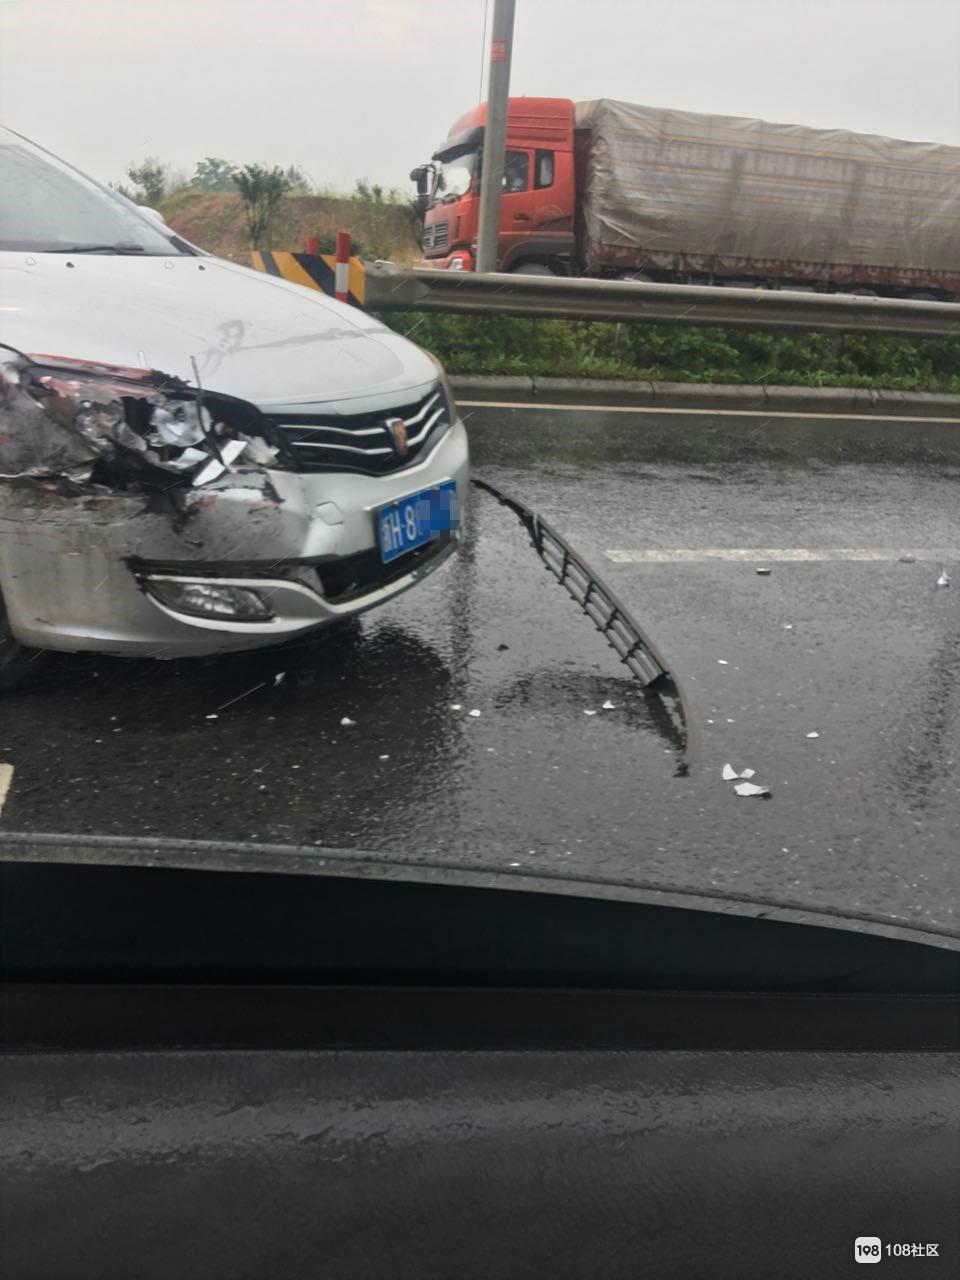 雨天路滑,小心驾驶